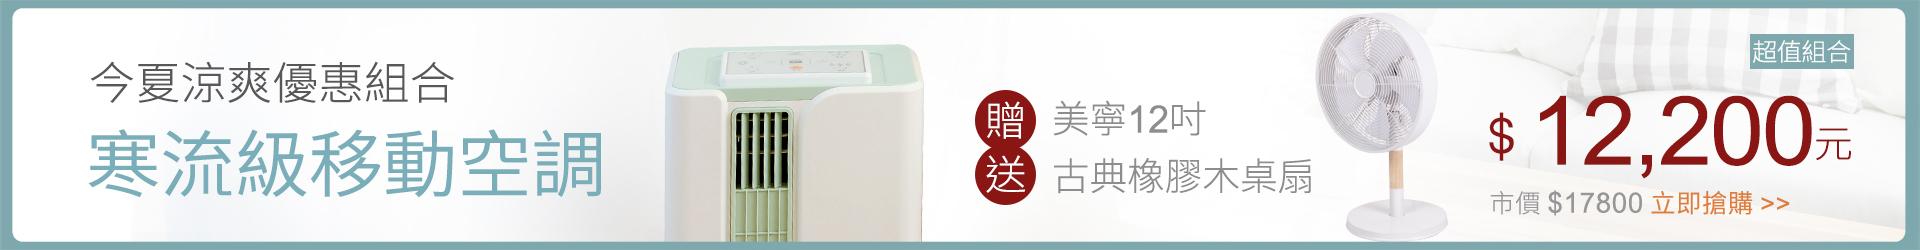 美寧寒流級輕體移動空調(JR-AC5MT綠)